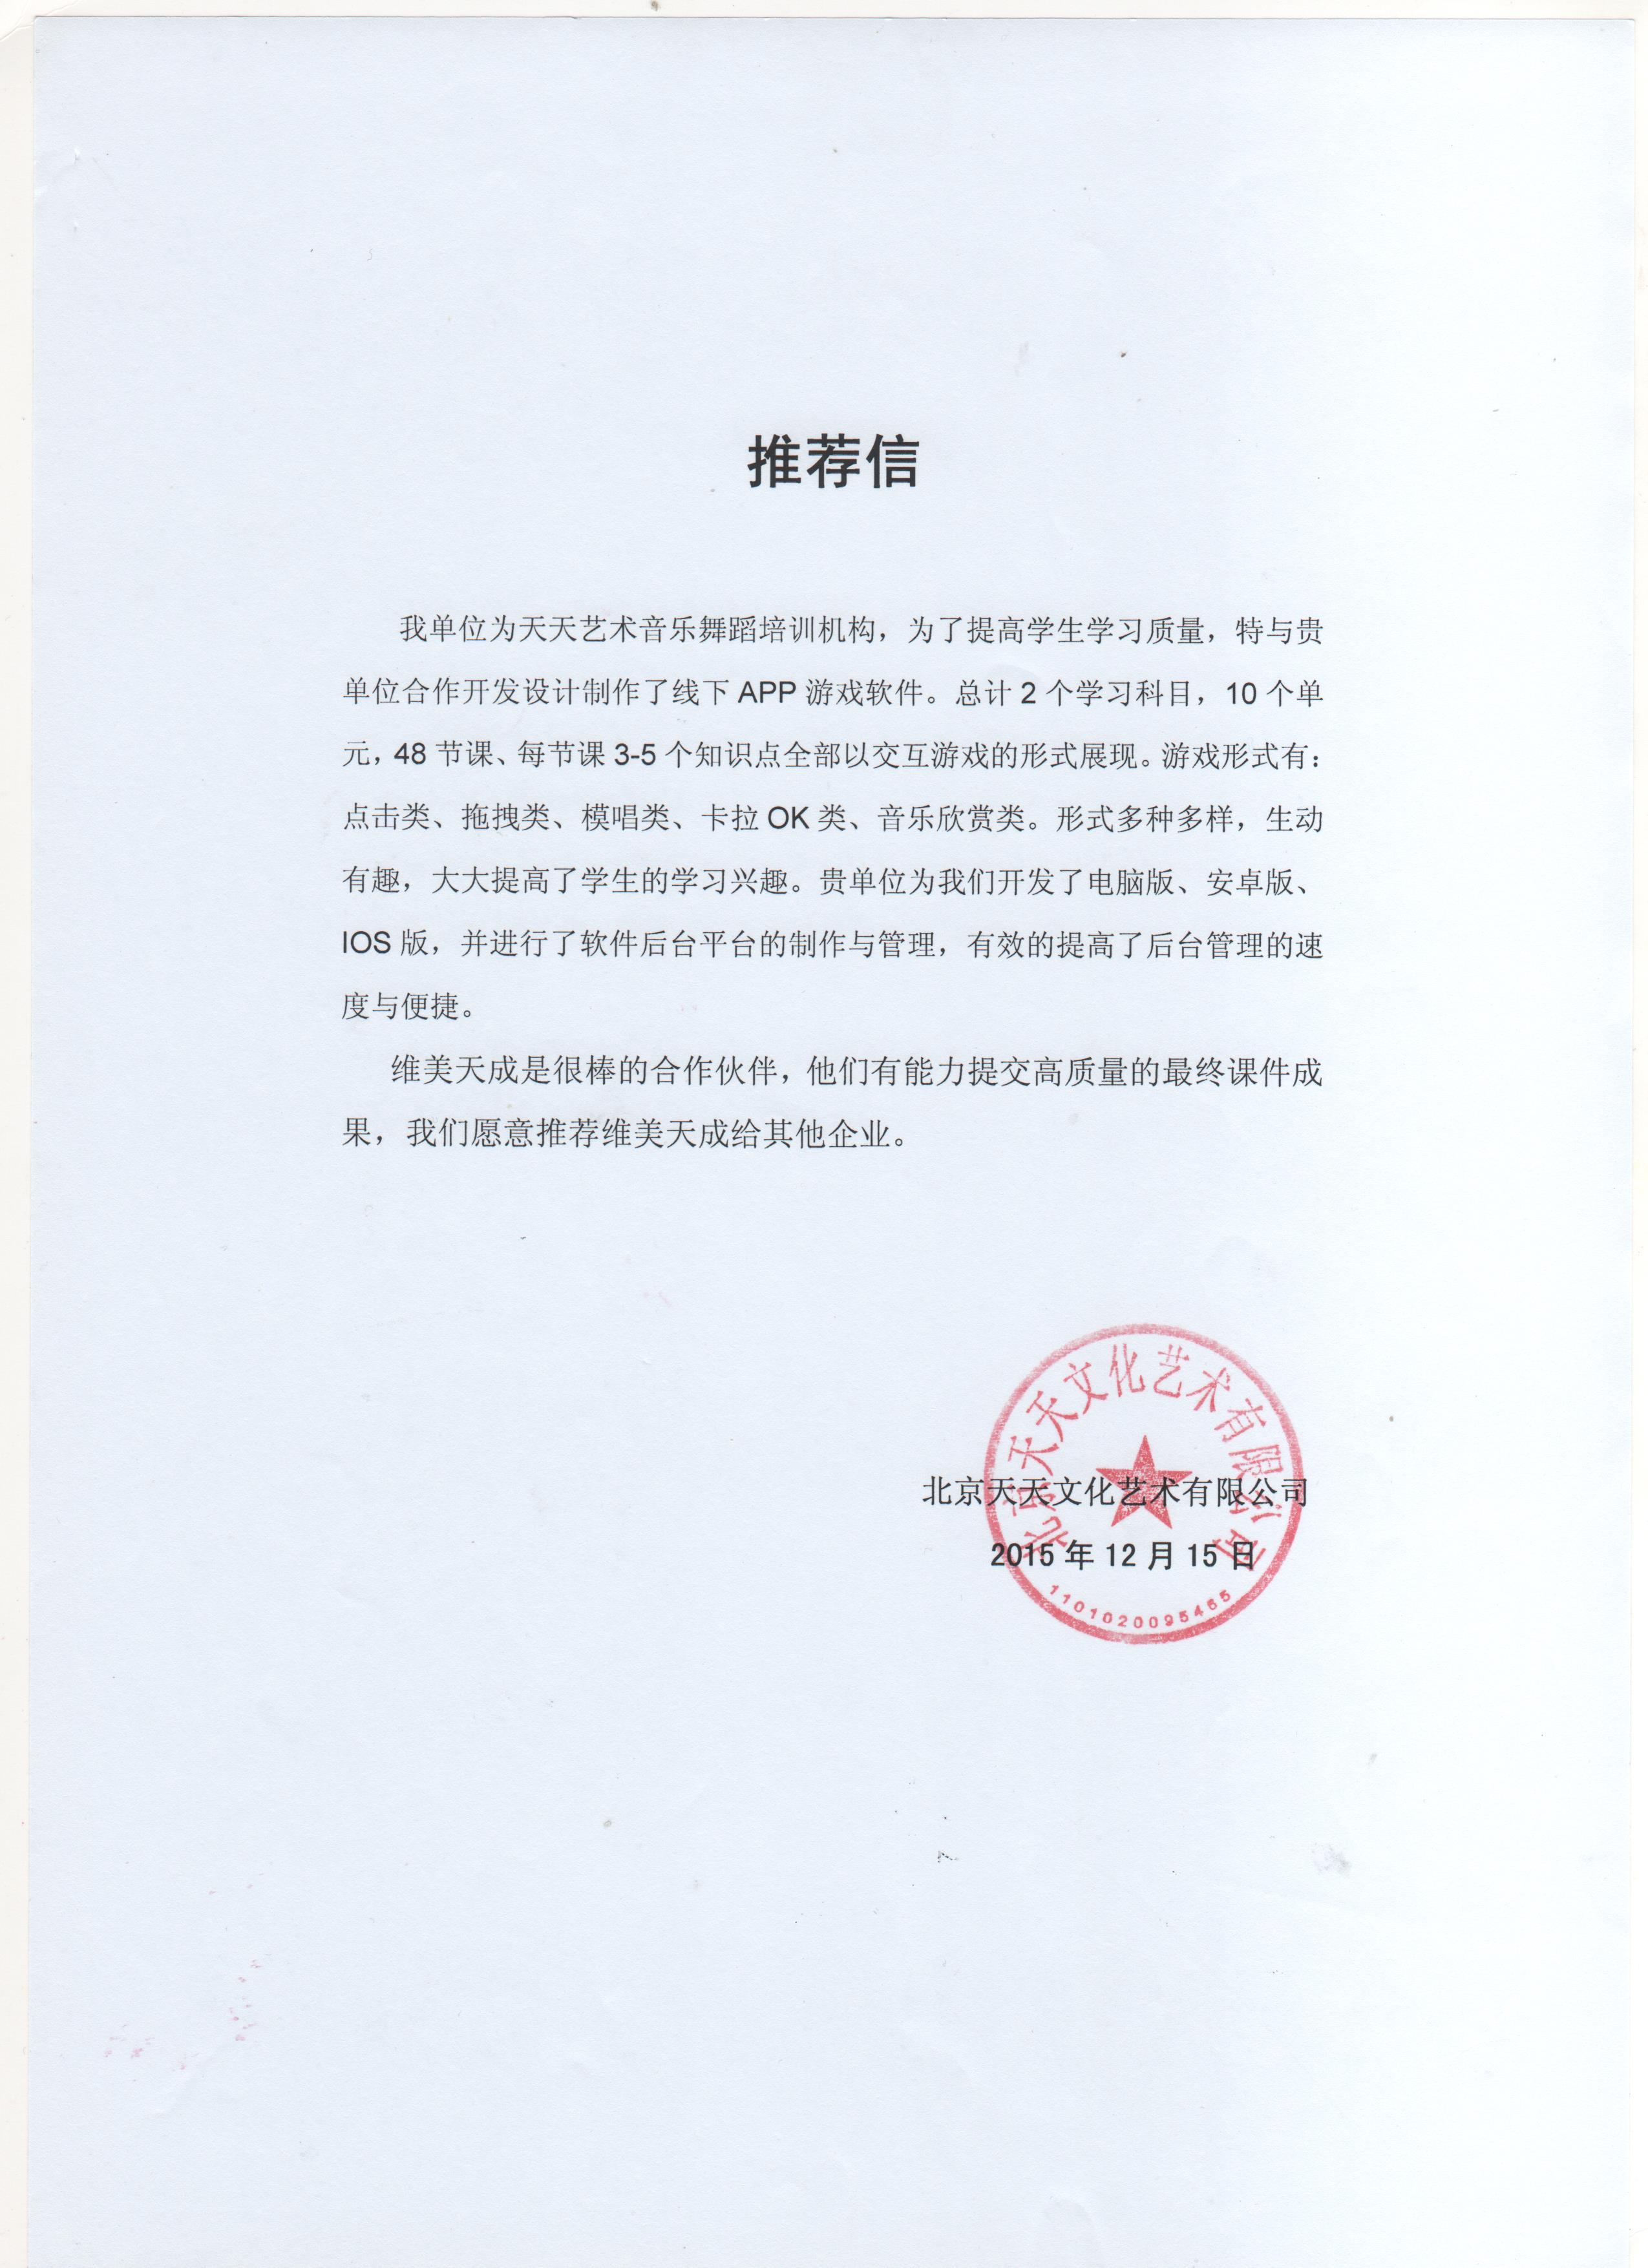 天天艺术app设计研发推荐信